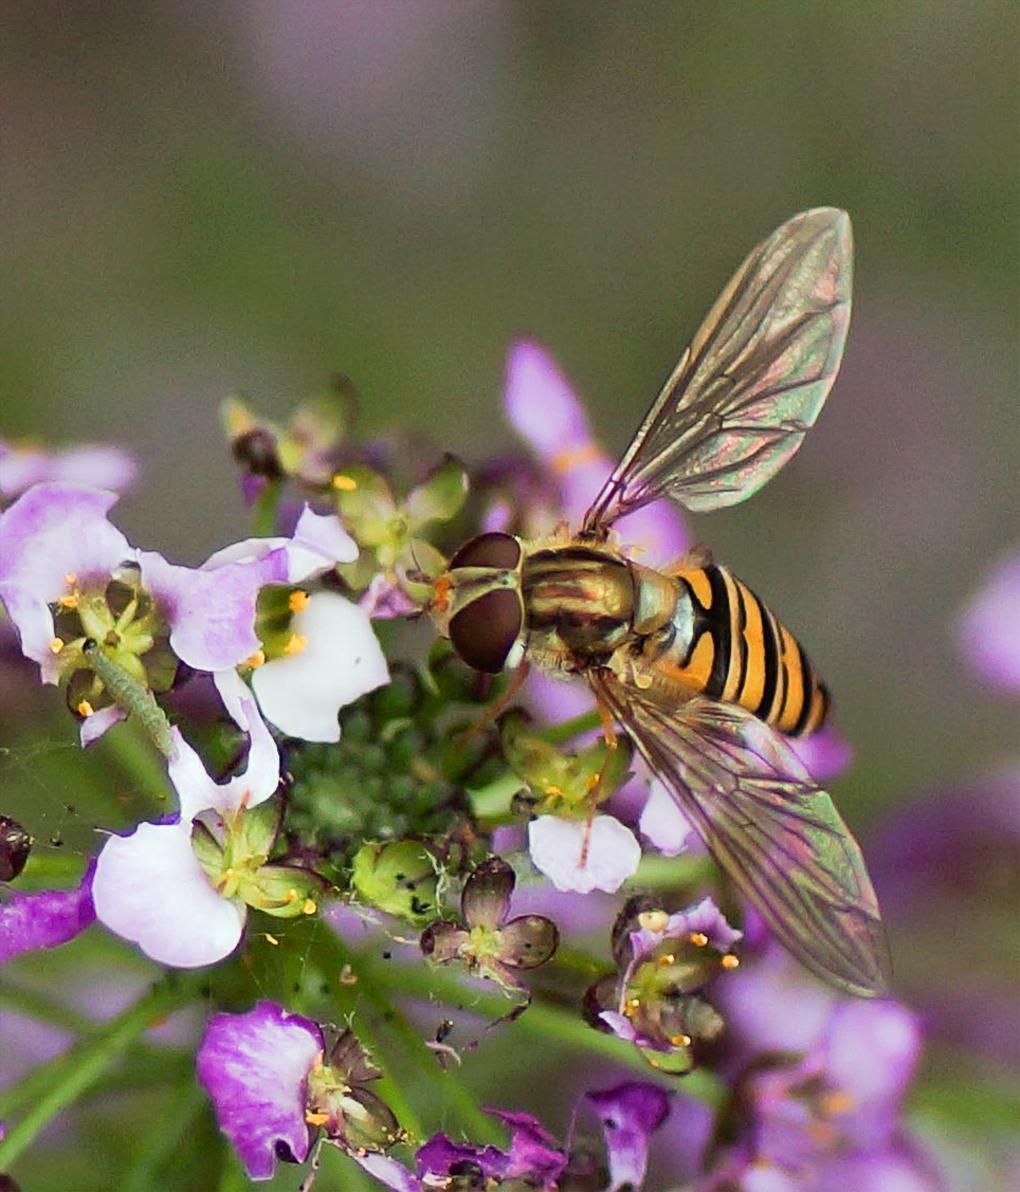 Dobbeltbåndet blomsterflue (Episyrphus balteatus)